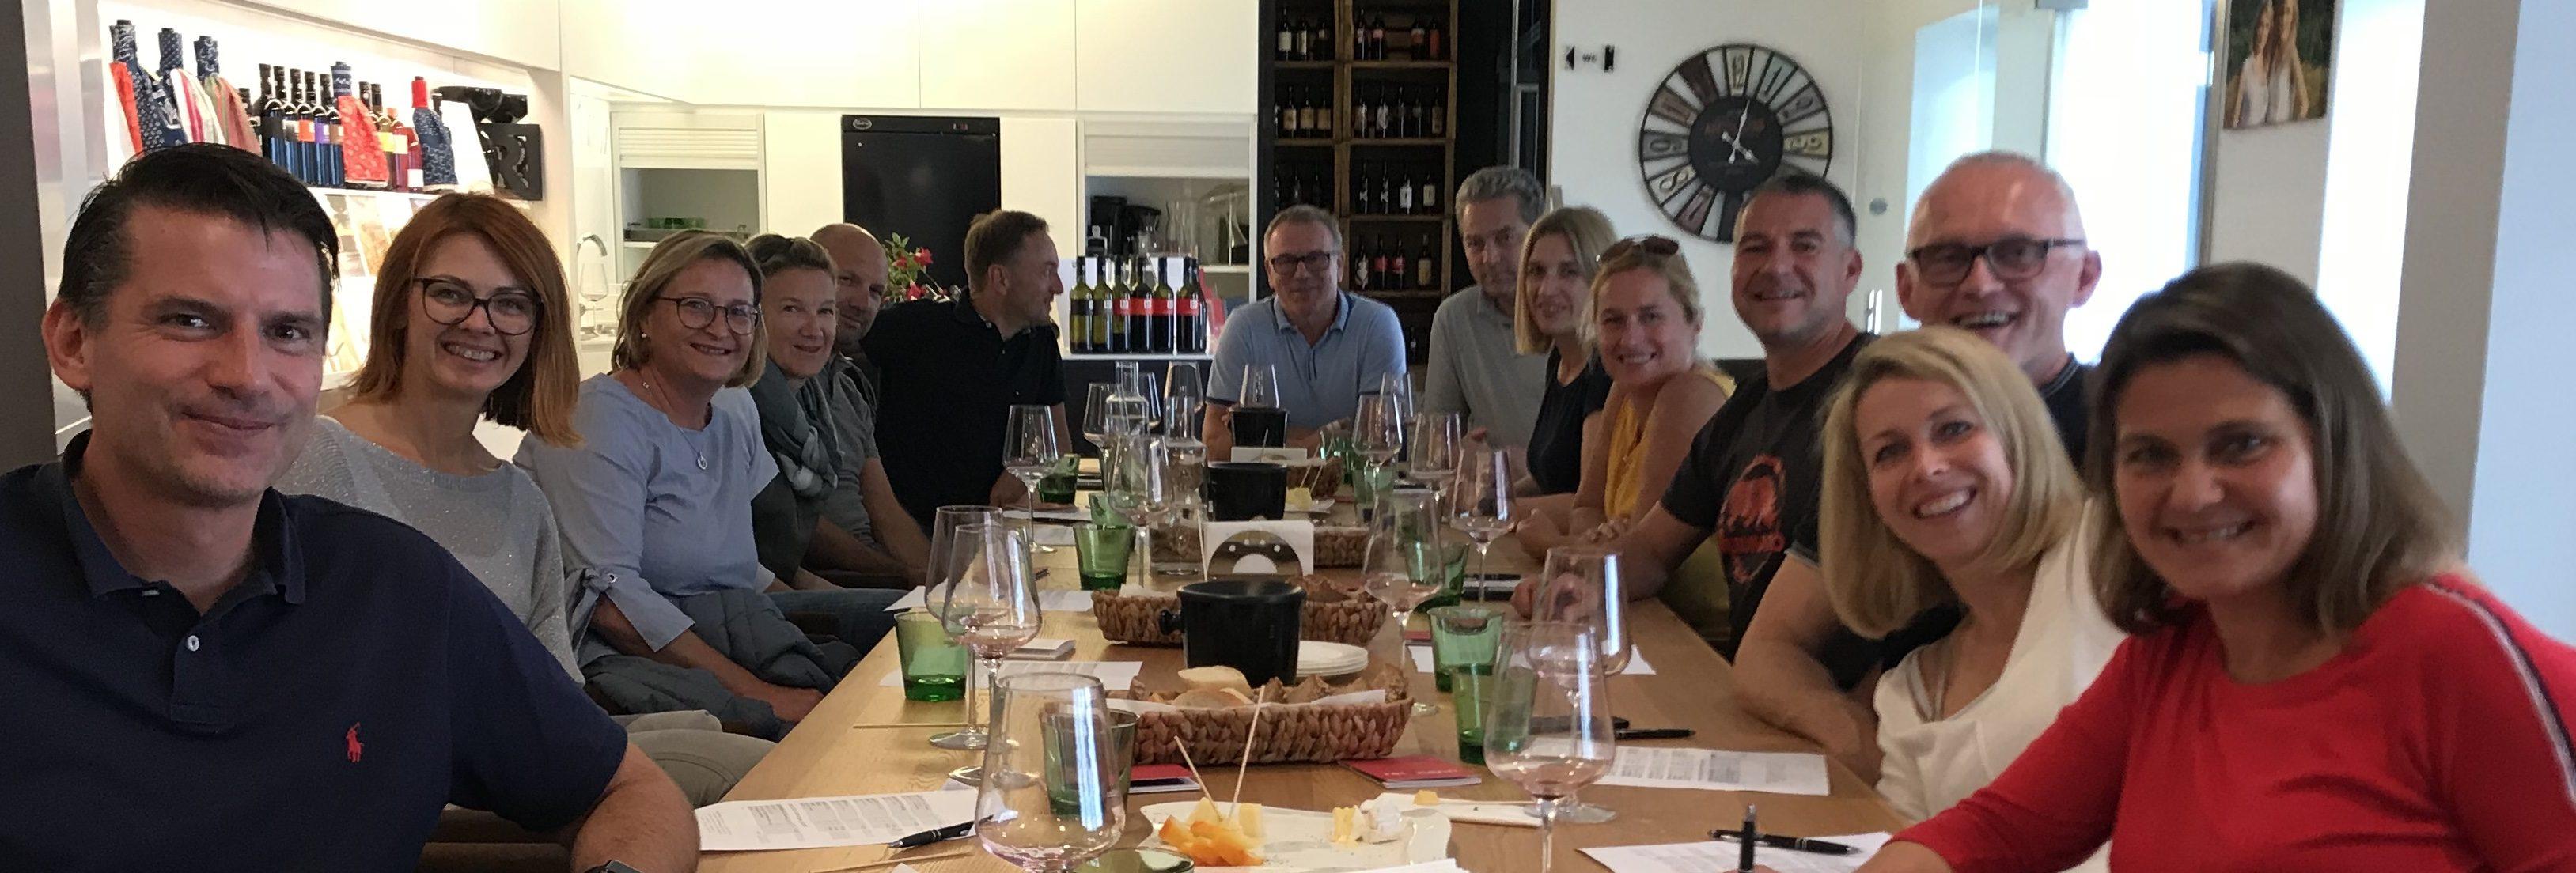 Gäste im Weingut